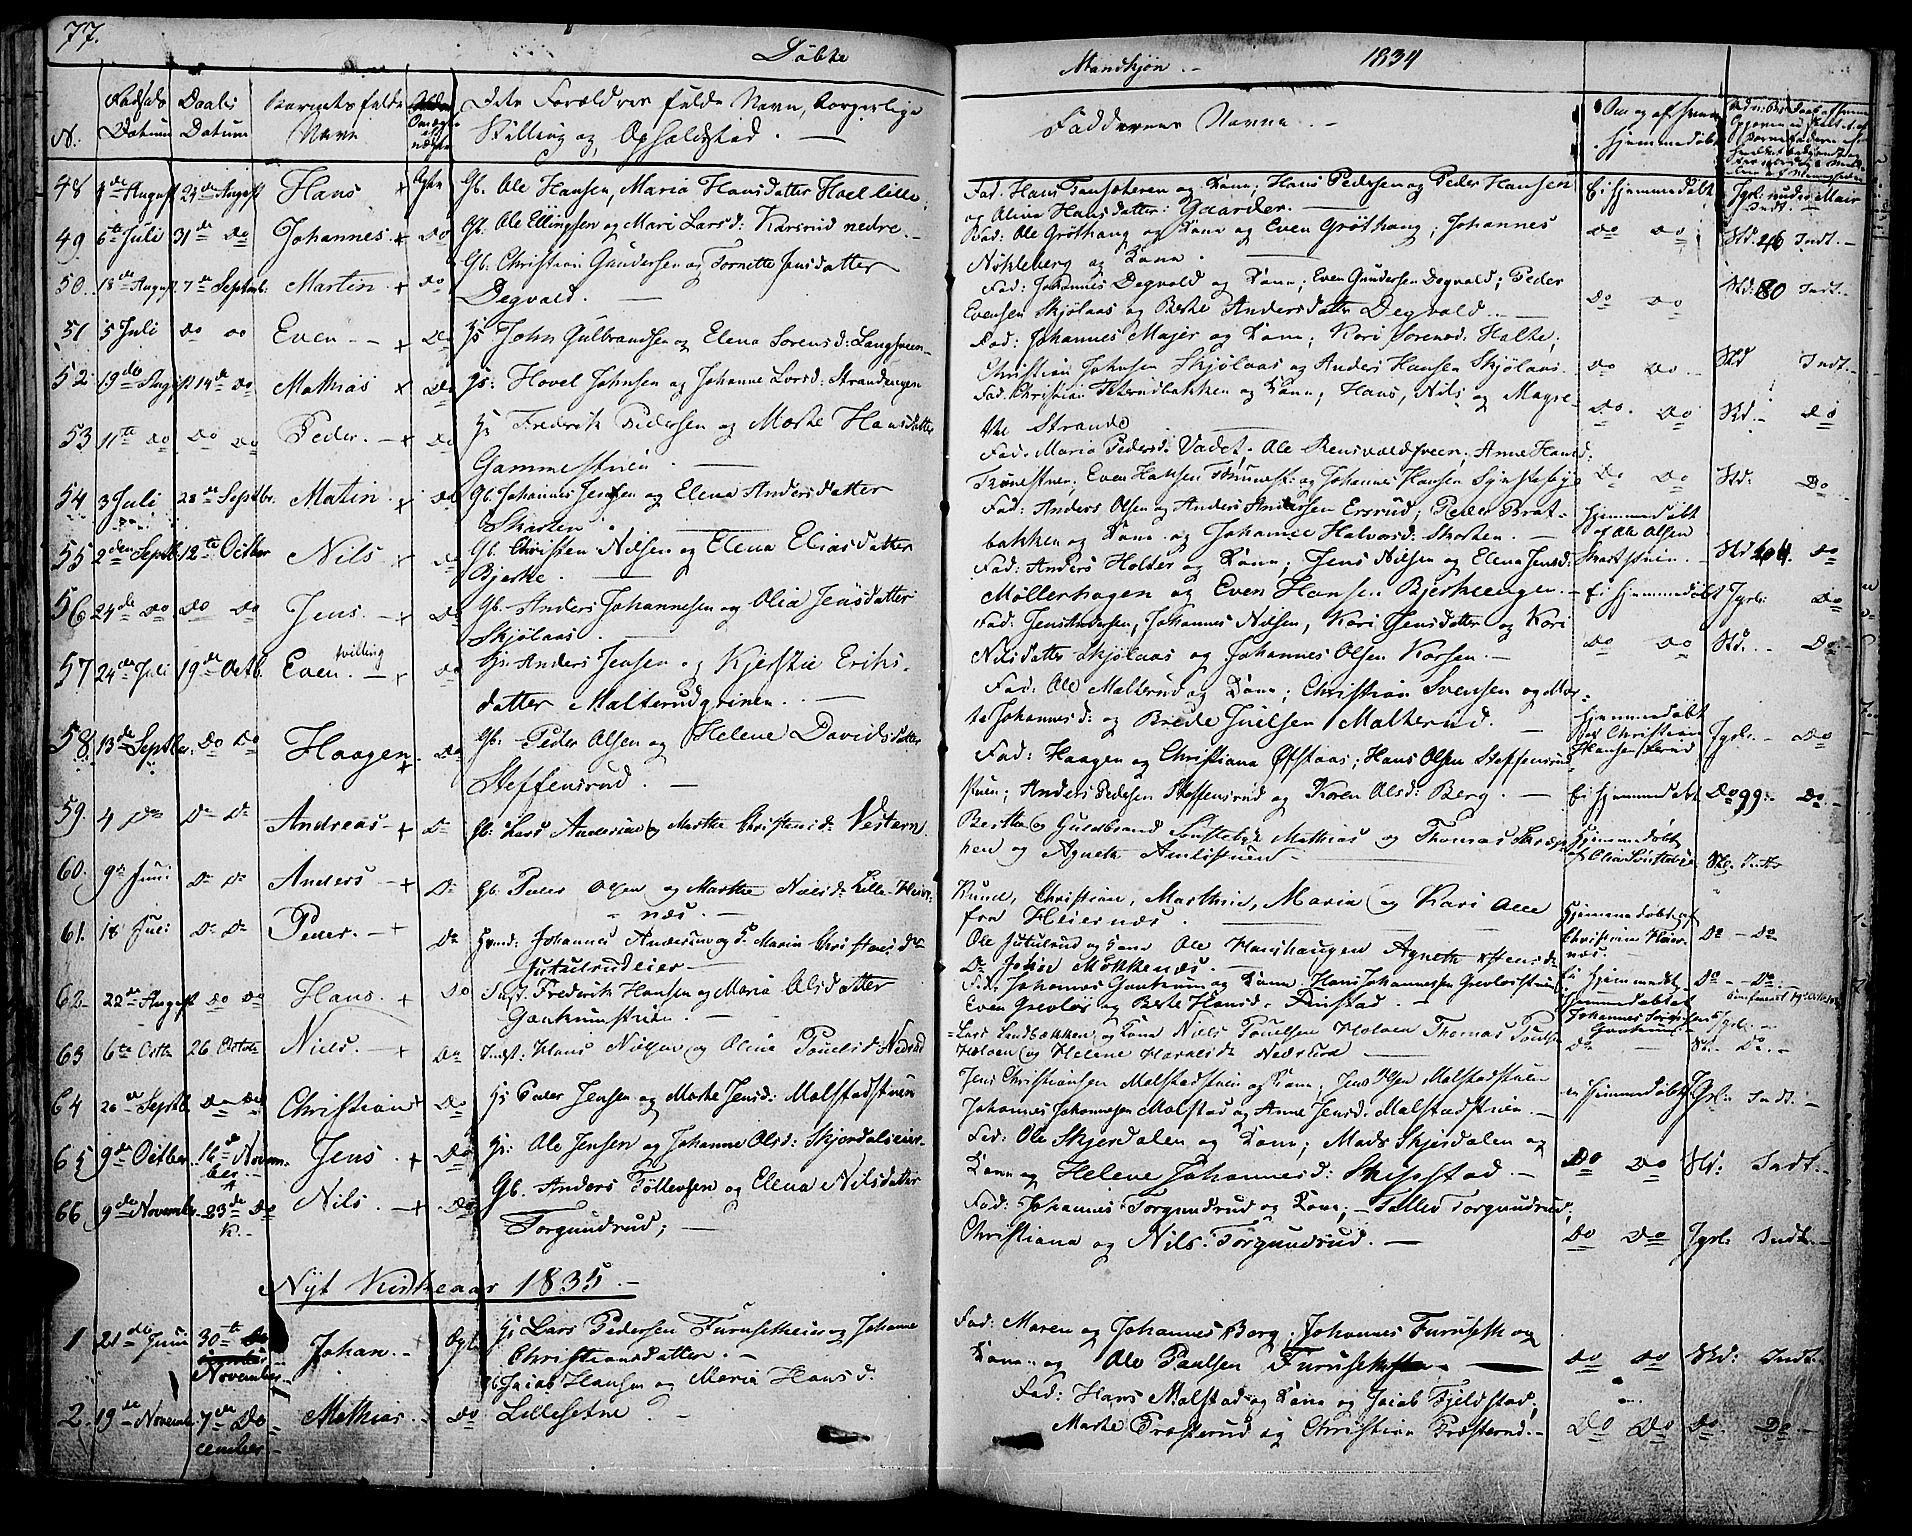 SAH, Vestre Toten prestekontor, Ministerialbok nr. 2, 1825-1837, s. 77